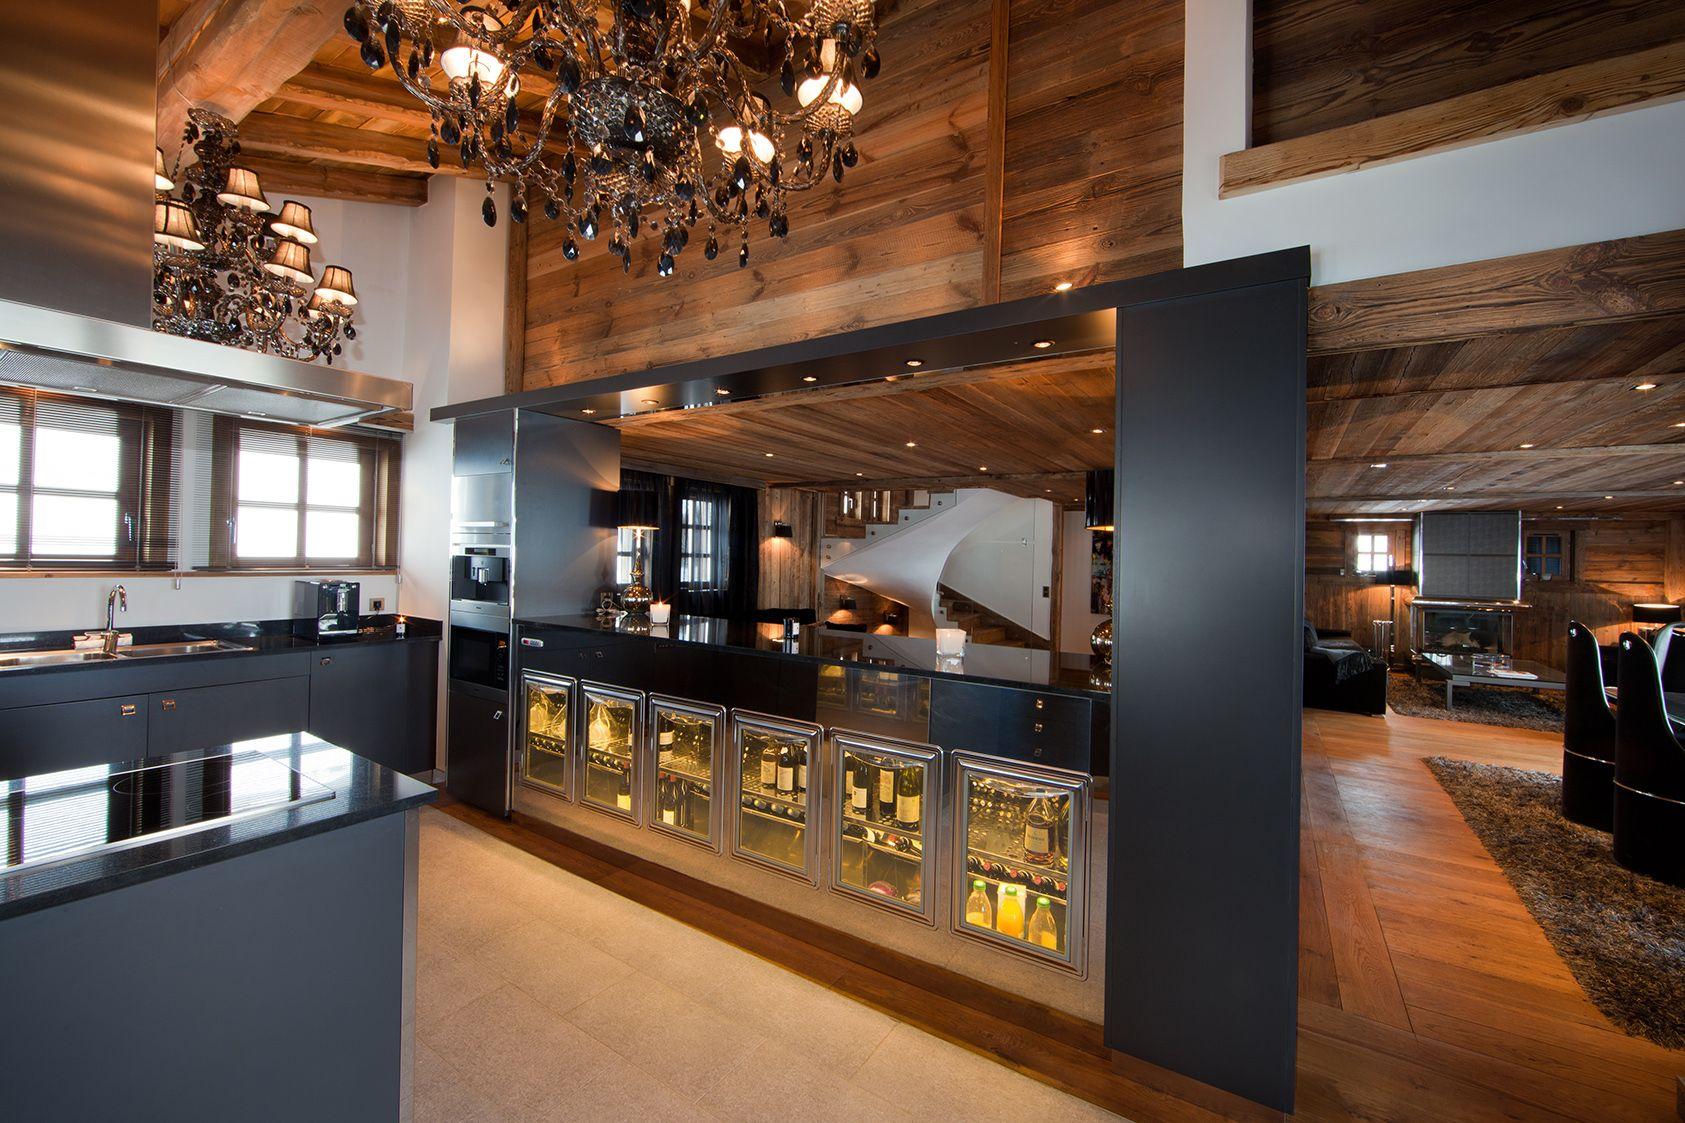 kitchen -ikhome -cuisine -chalet de luxe -luxury chalet -megeve ...